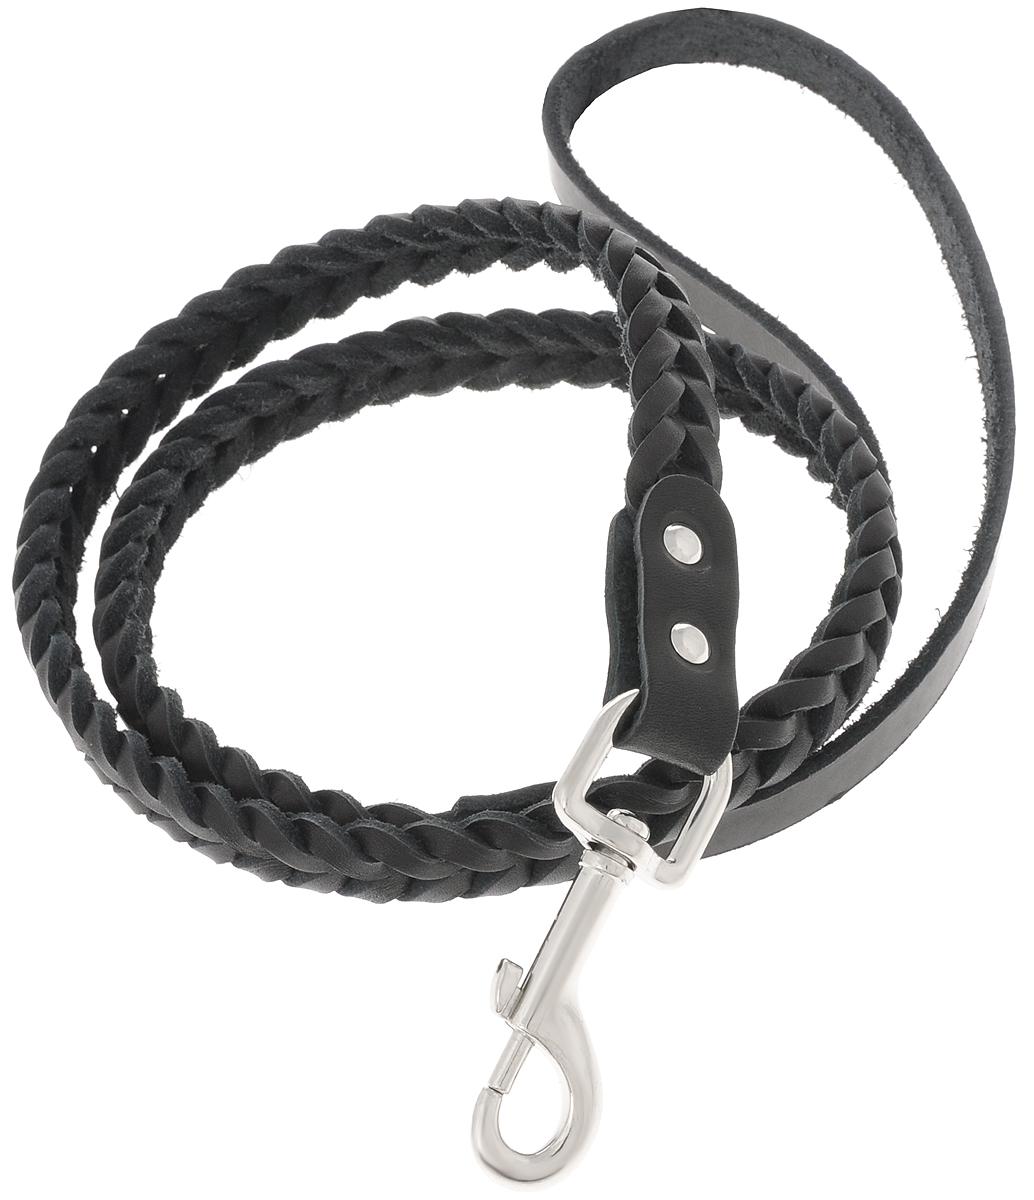 Поводок для собак Каскад Классика, плетеный, цвет: черный, ширина 1 см, длина 1,25 м0120710Поводок для собак Каскад Классика изготовлен из высококачественной искусственный кожи в виде объемного плетения и снабжен металлическим карабином. Изделие отличается не только исключительной надежностью и удобством, но и привлекательным современным дизайном.Поводок - необходимый аксессуар для собаки. Ведь в опасных ситуациях именно он способен спасти жизнь вашему любимому питомцу. Иногда нужно ограничивать свободу своего четвероногого друга, чтобы защитить его или себя от неприятностей на прогулке. Длина поводка: 1,25 м.Ширина поводка: 1 см.